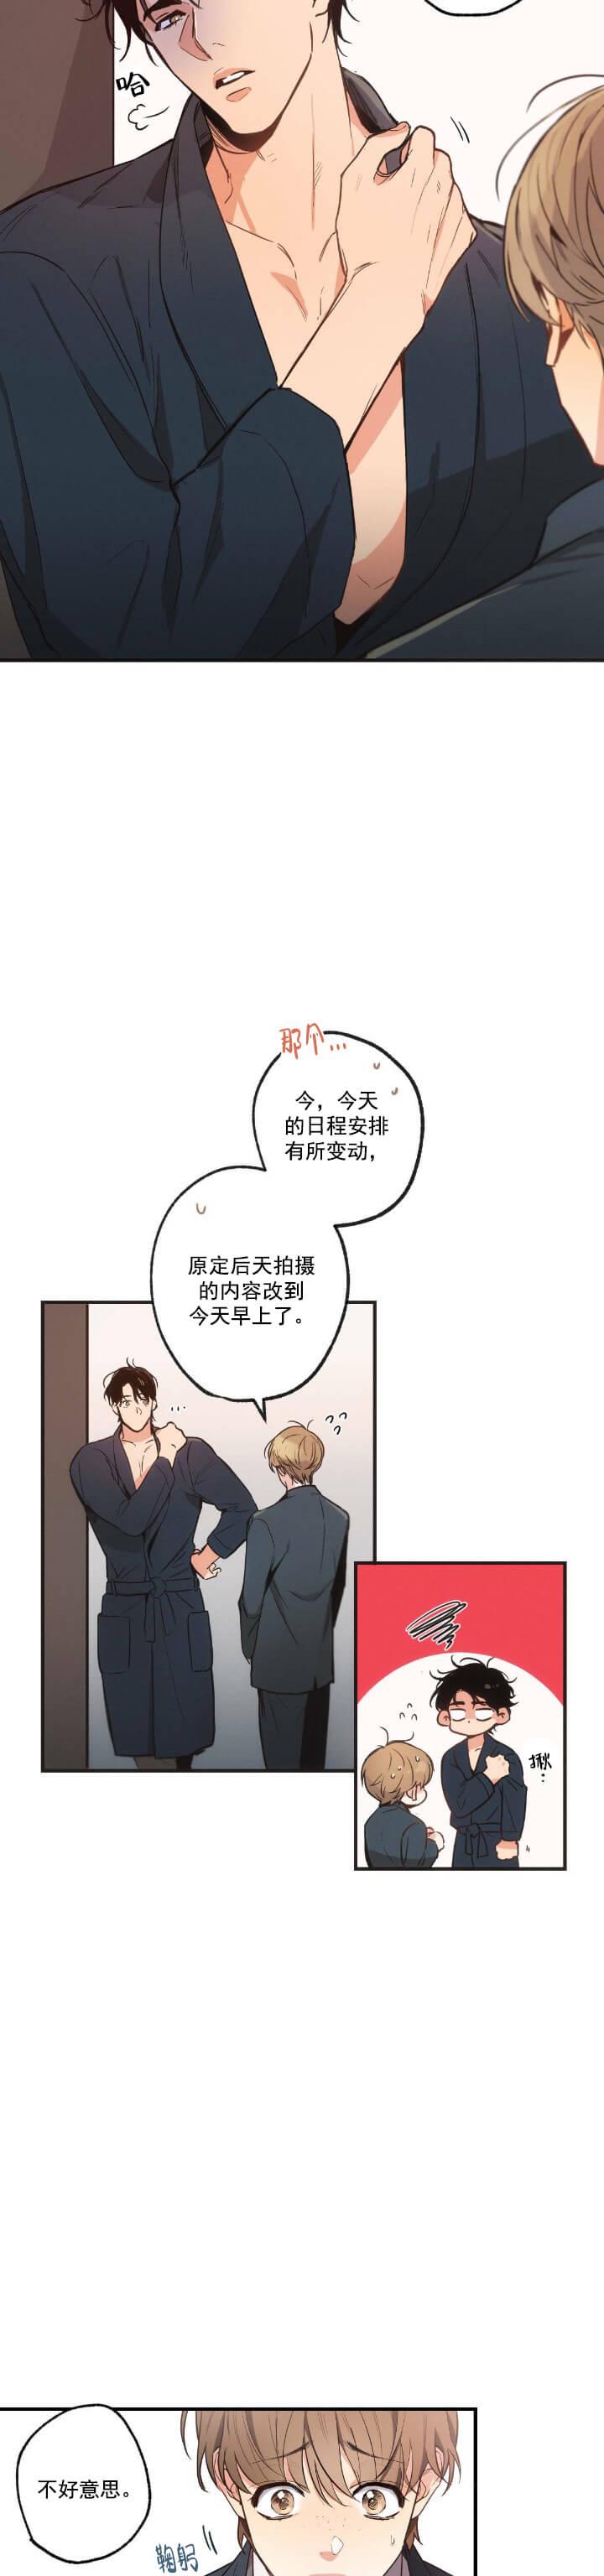 韩漫 |《别用有心的恋爱史》浴室play,全程不打M!  第4张